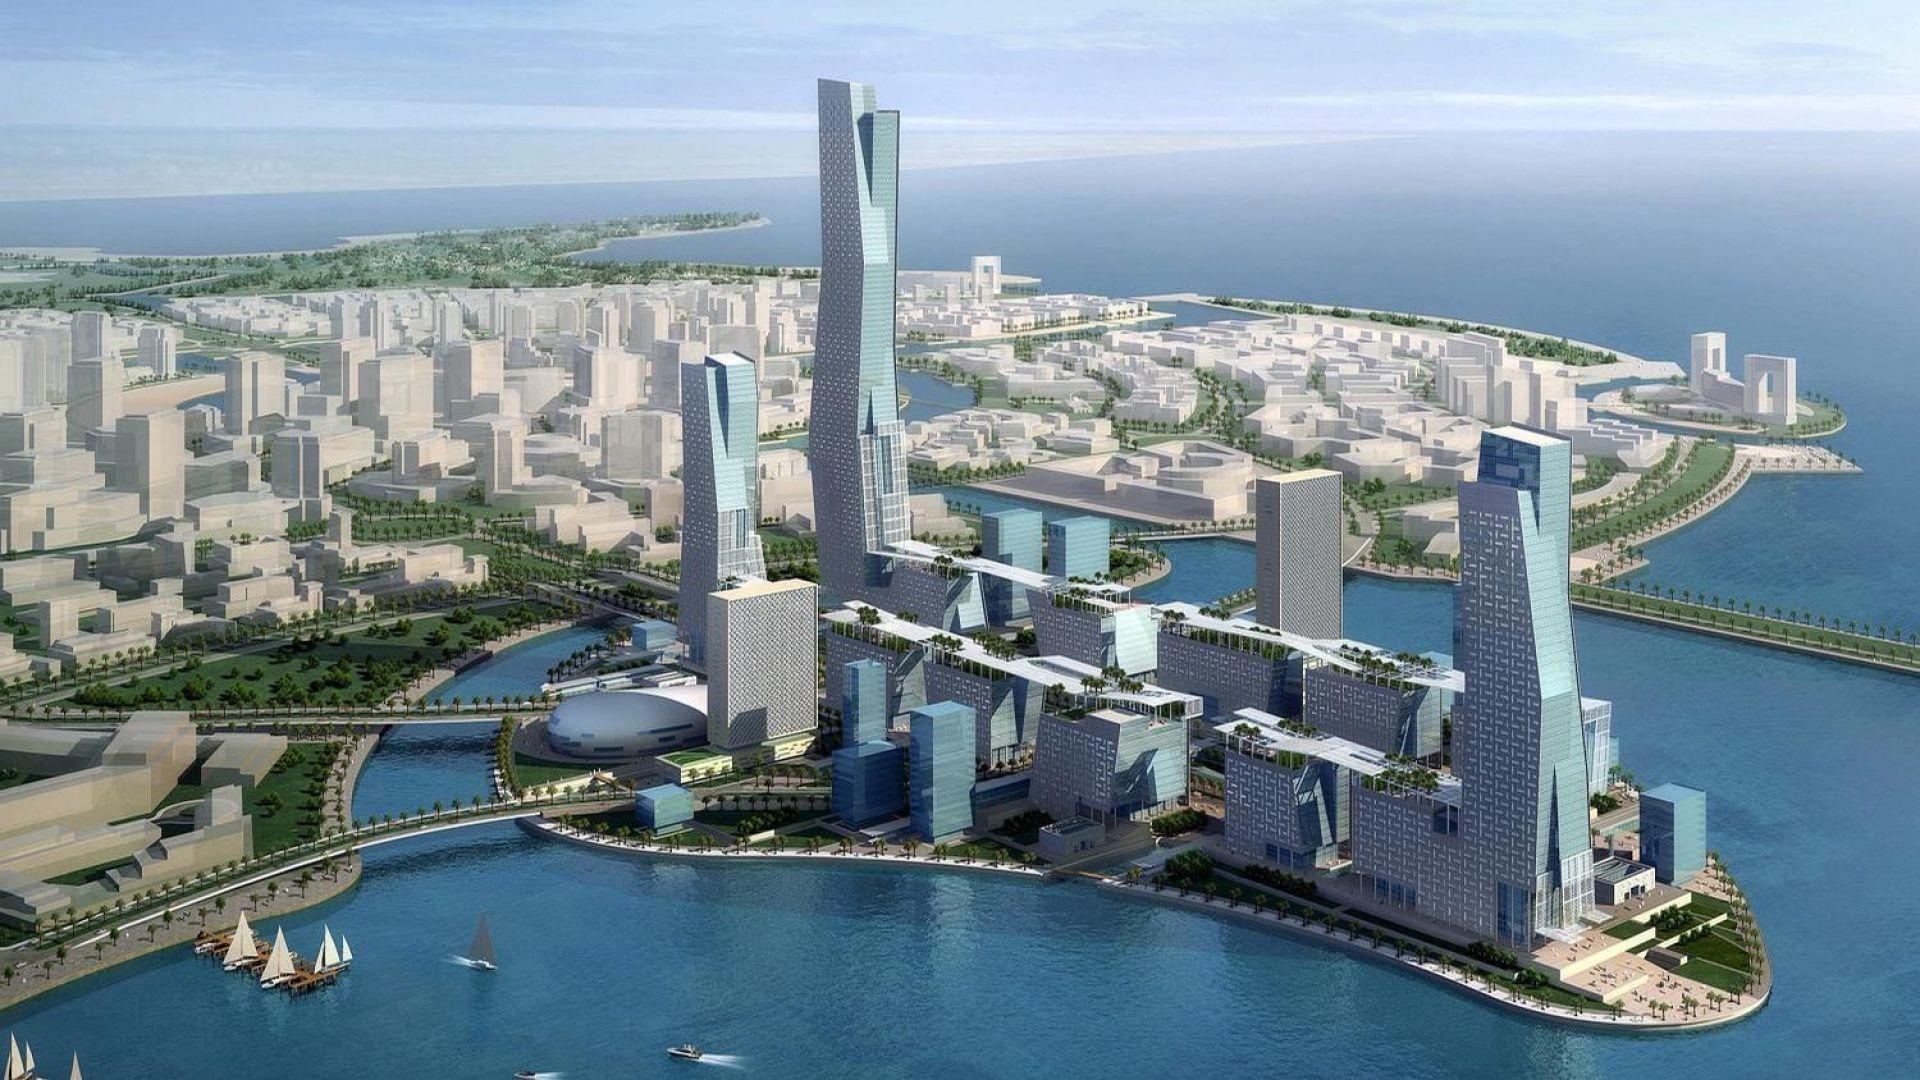 Проектът за футуристичен град на Саудитска Арабия предизвика много противоречия